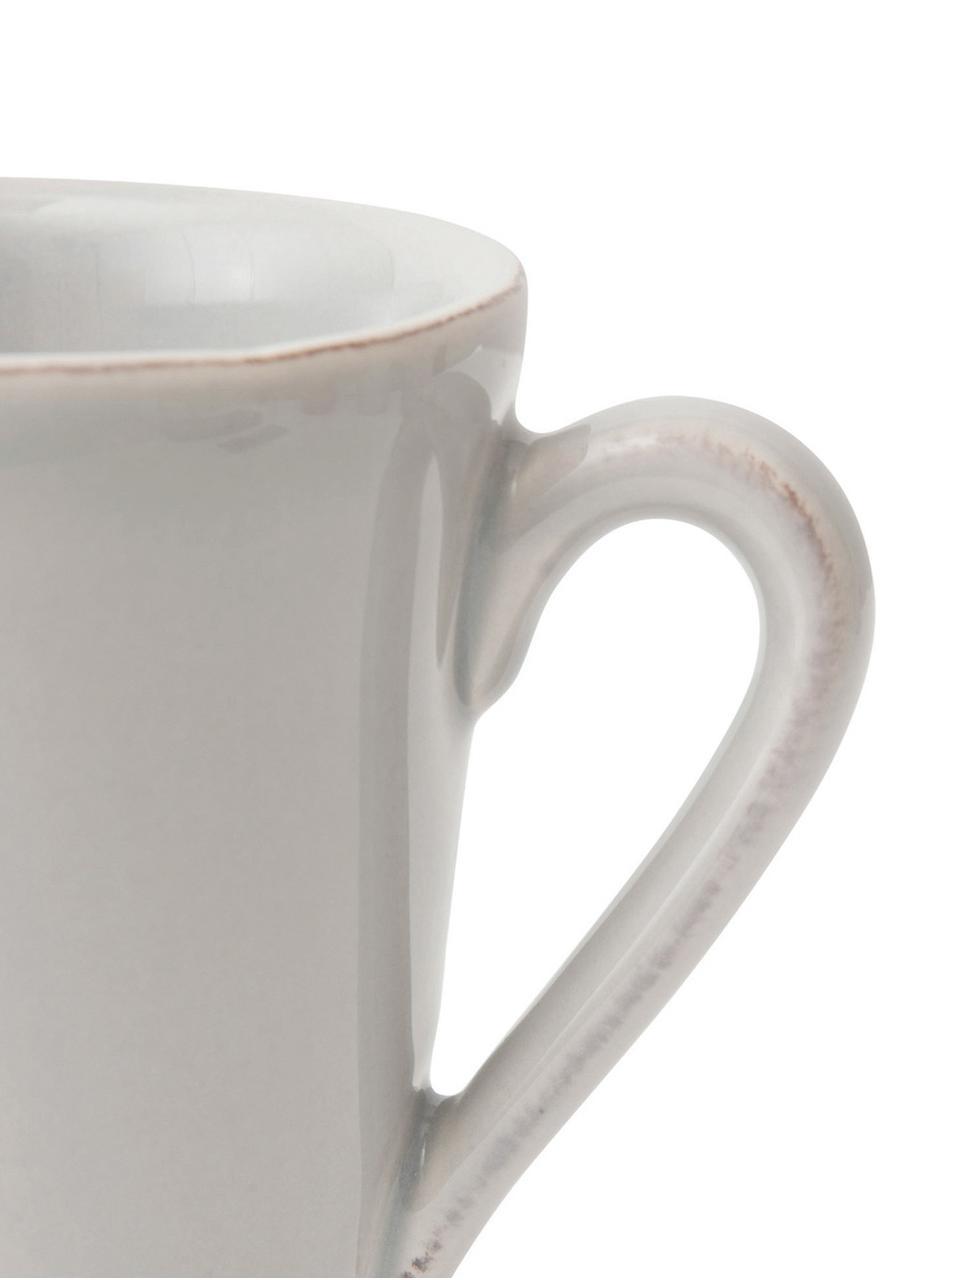 Tazza grigio chiaro Costance 2 pz, Terracotta, Grigio chiaro, Ø 9 x Alt. 10 cm